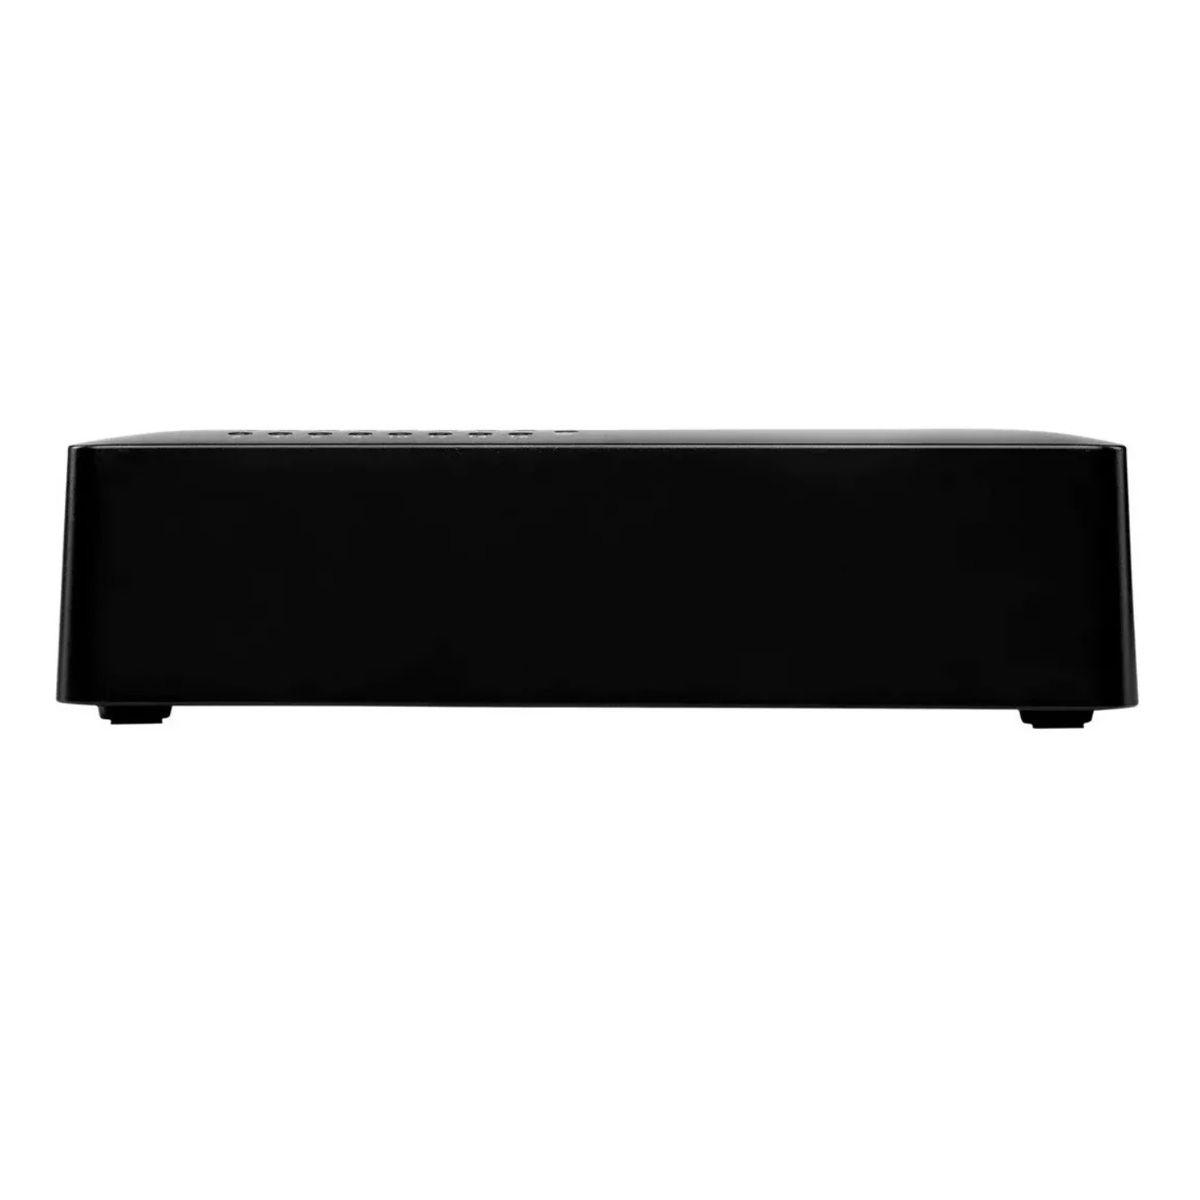 Switch Intelbras Sf 1600 Q+ 16 Portas Fast Poe Passivo Preto